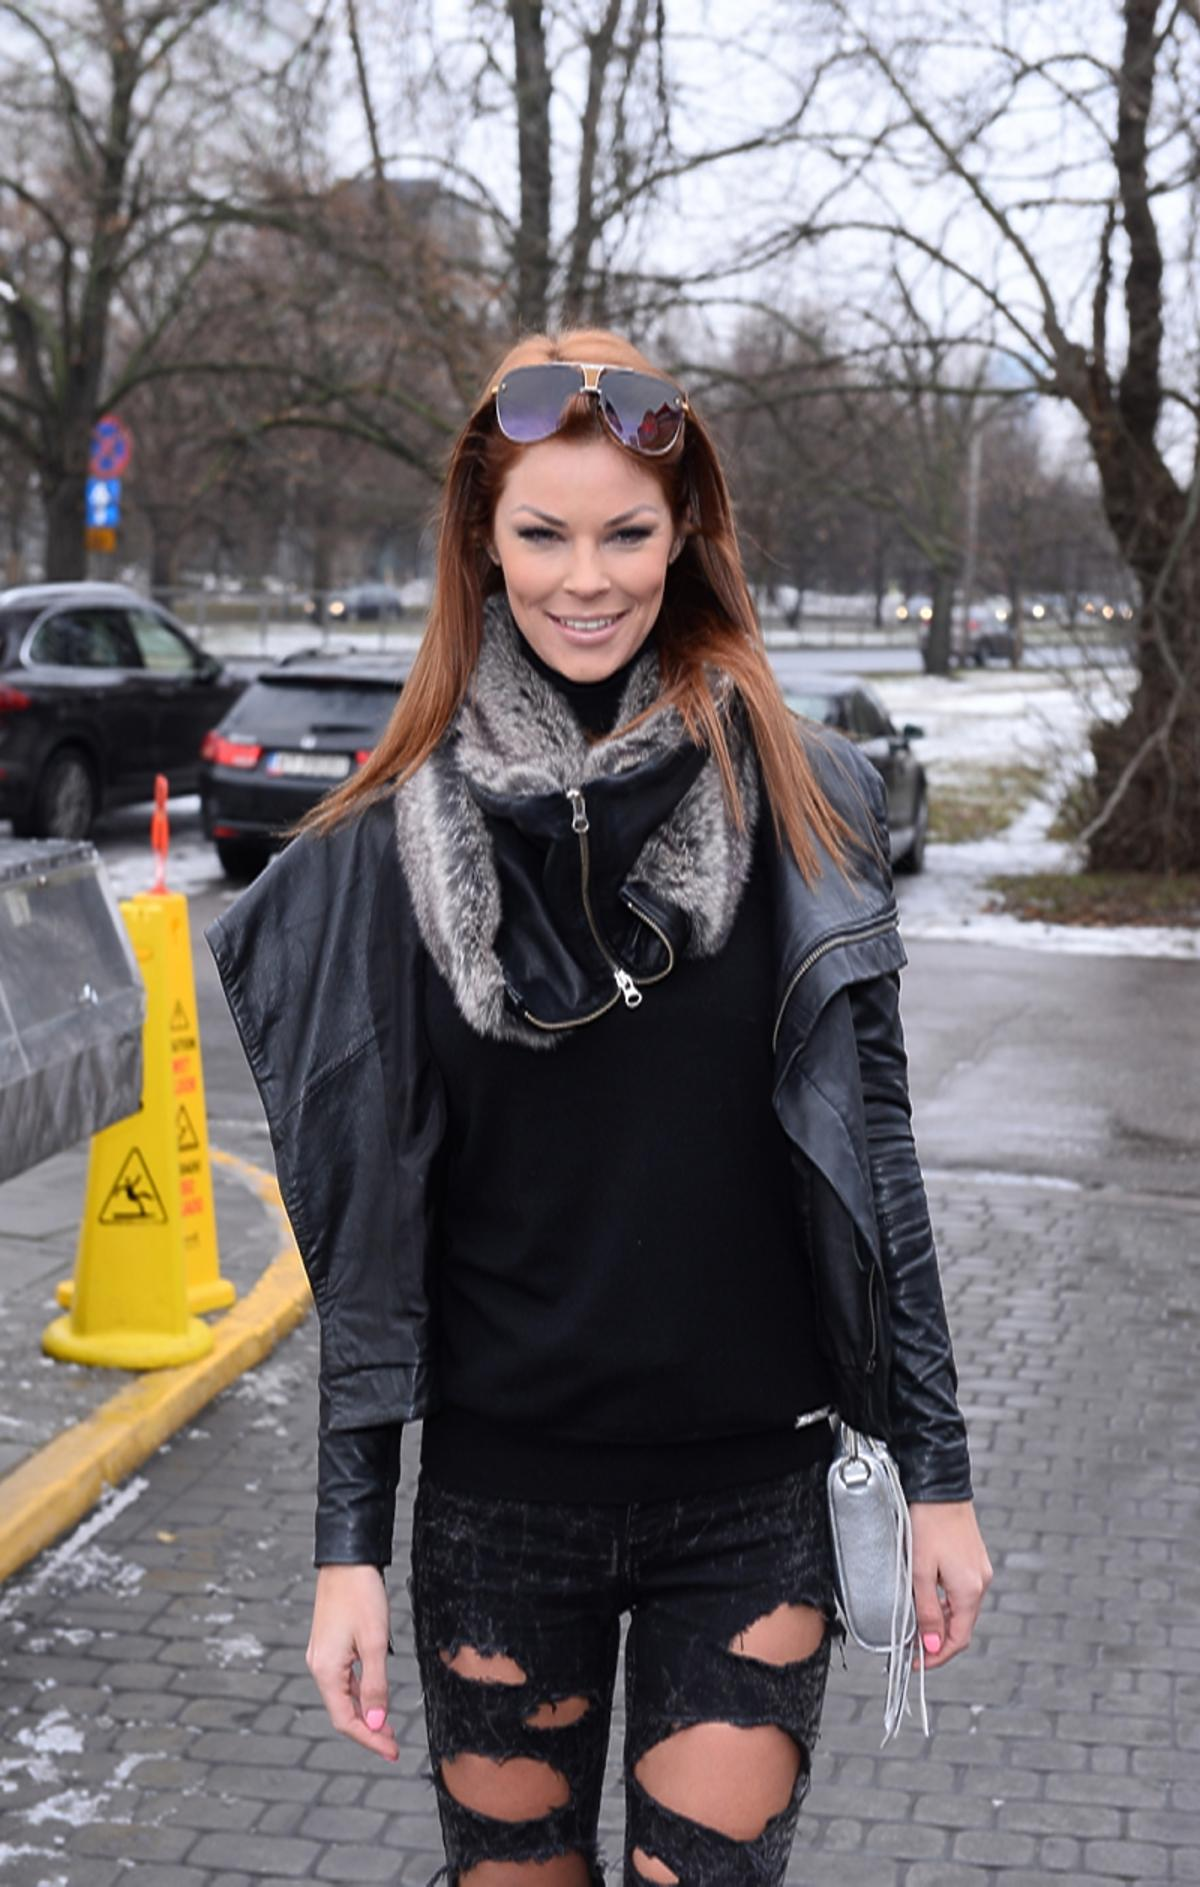 Małgorzata Tomaszewska-Słomina w spodniach z ogromnymi dziurami